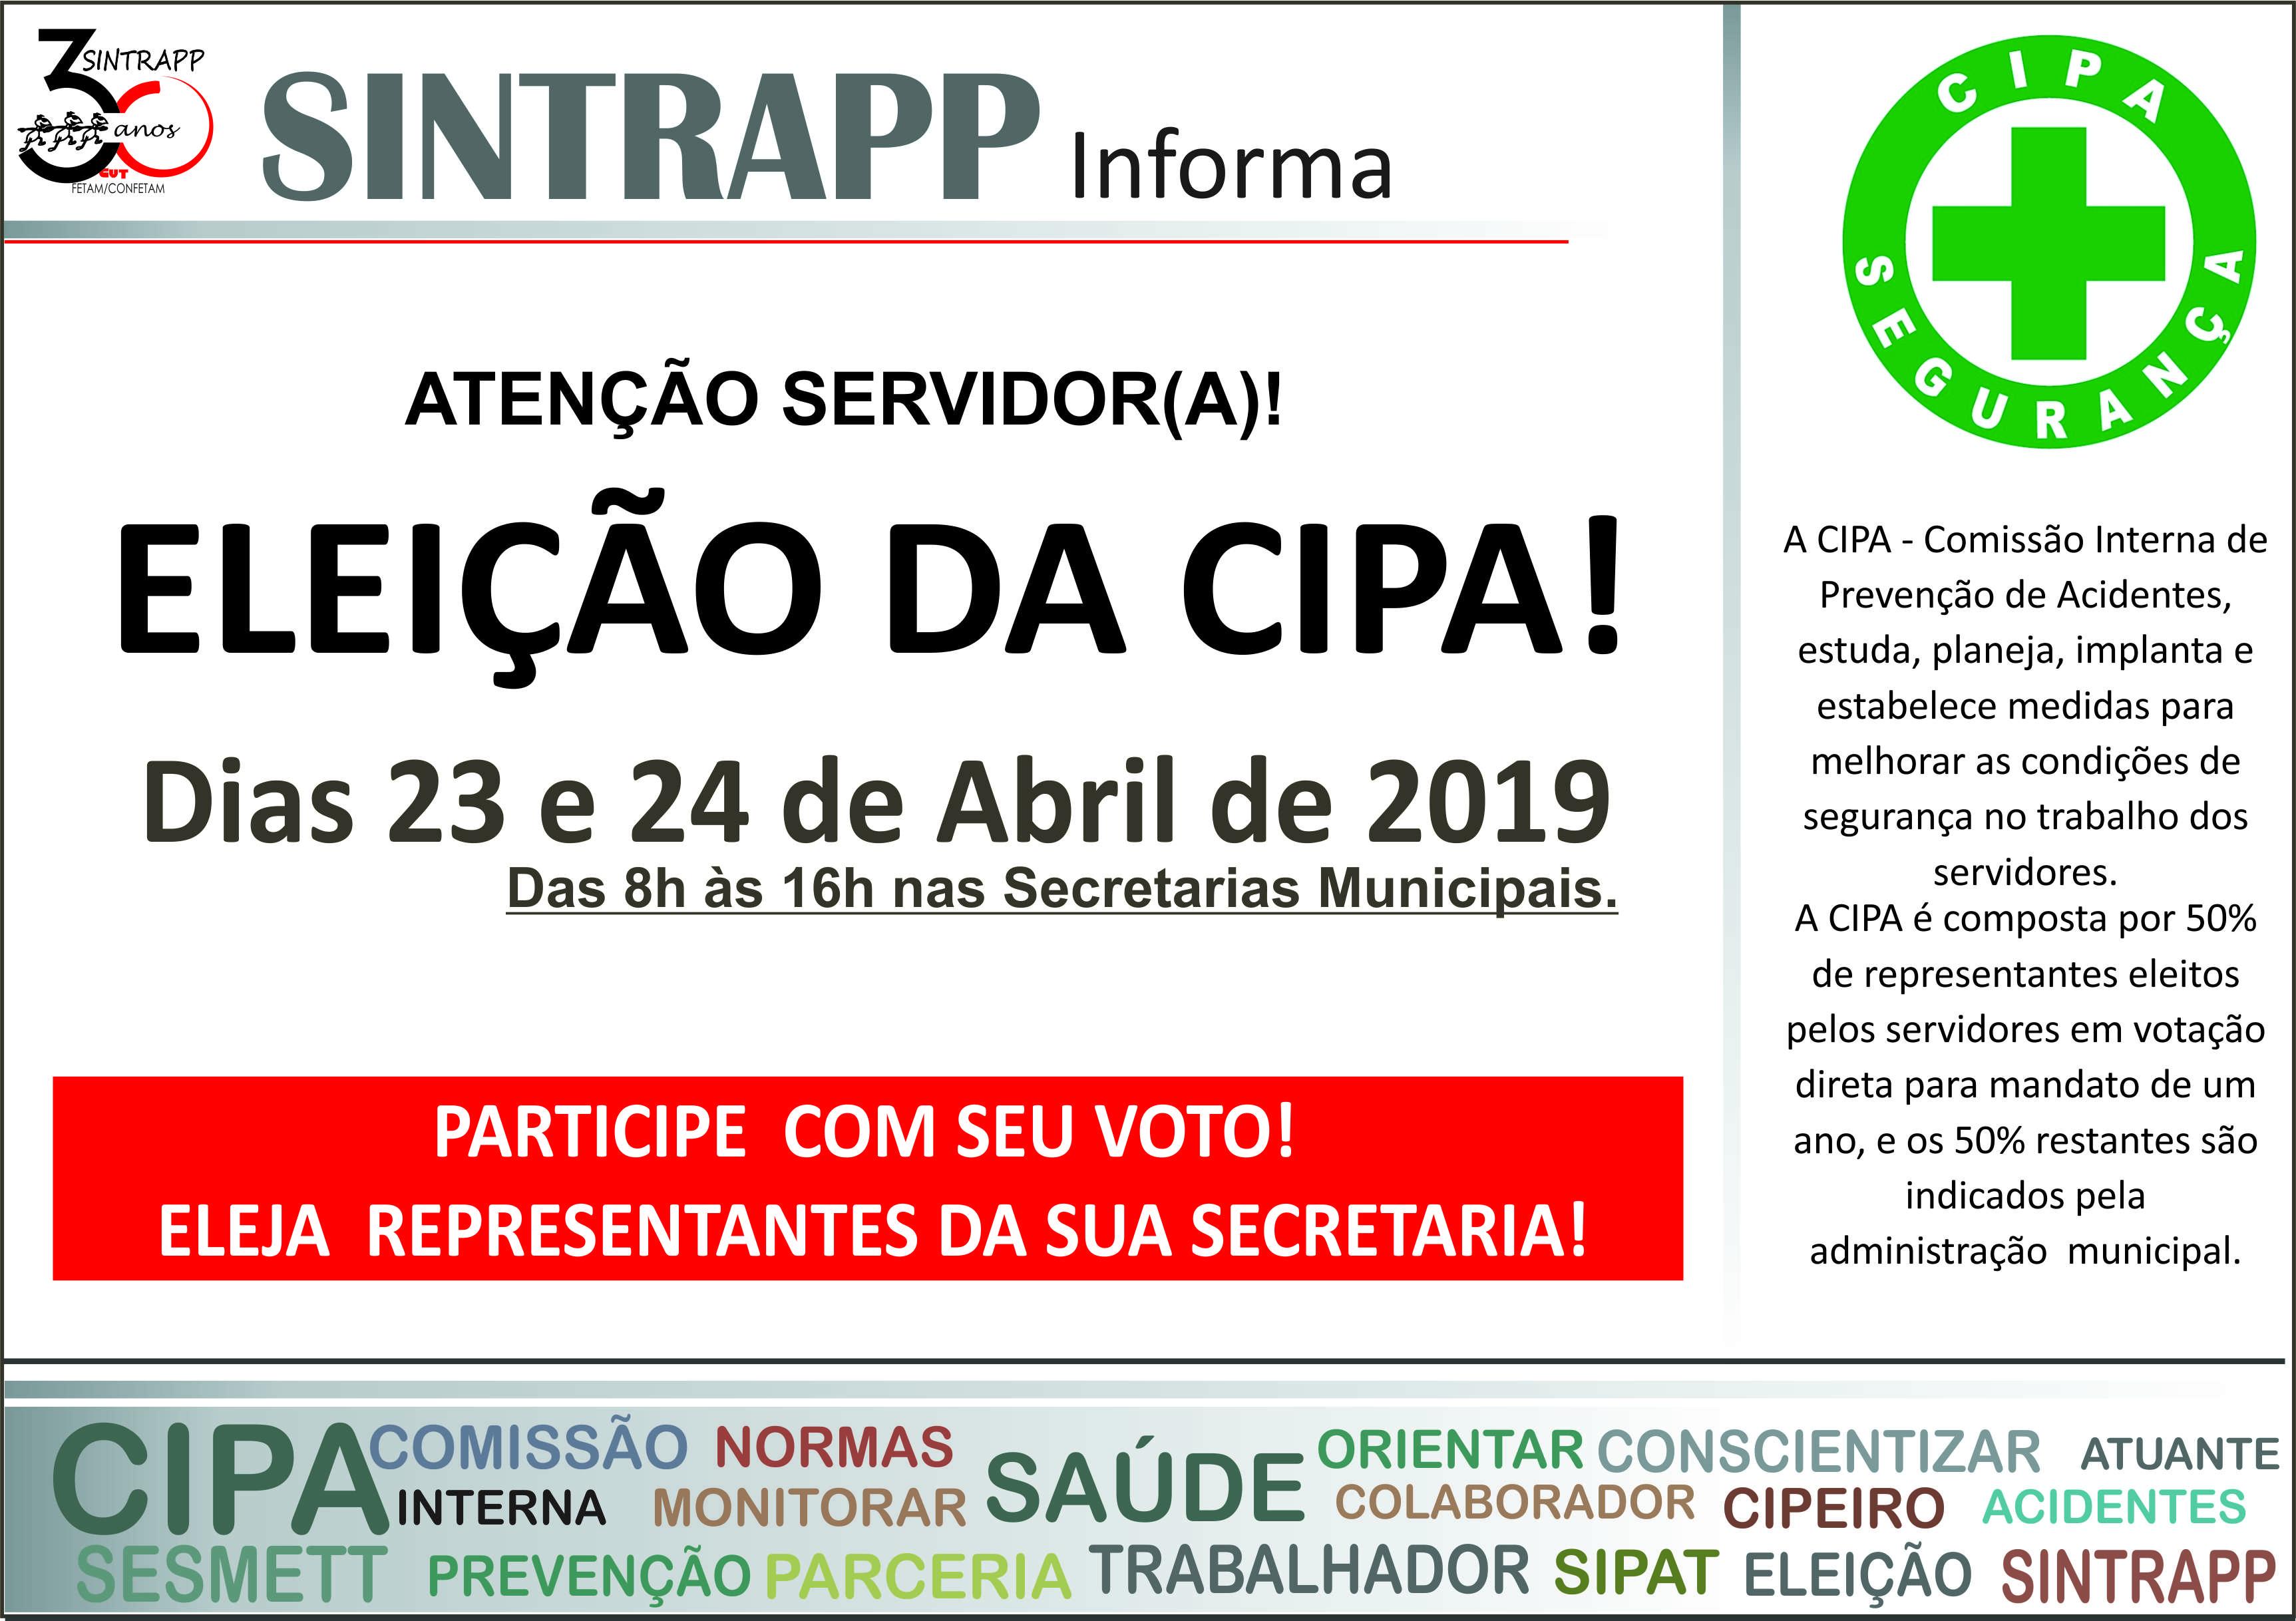 Atenção Servidor! A eleição da CIPA acontecerá dia 23 e 24 de abril. Participe!